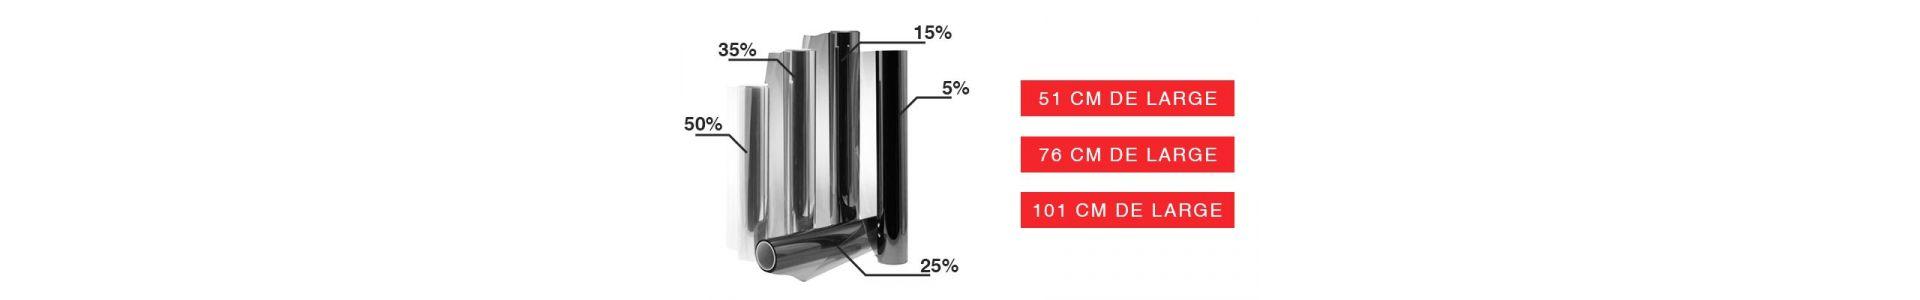 film solaire haute qualit pour automobile anti rayure et anti uv au m tre carneo films. Black Bedroom Furniture Sets. Home Design Ideas